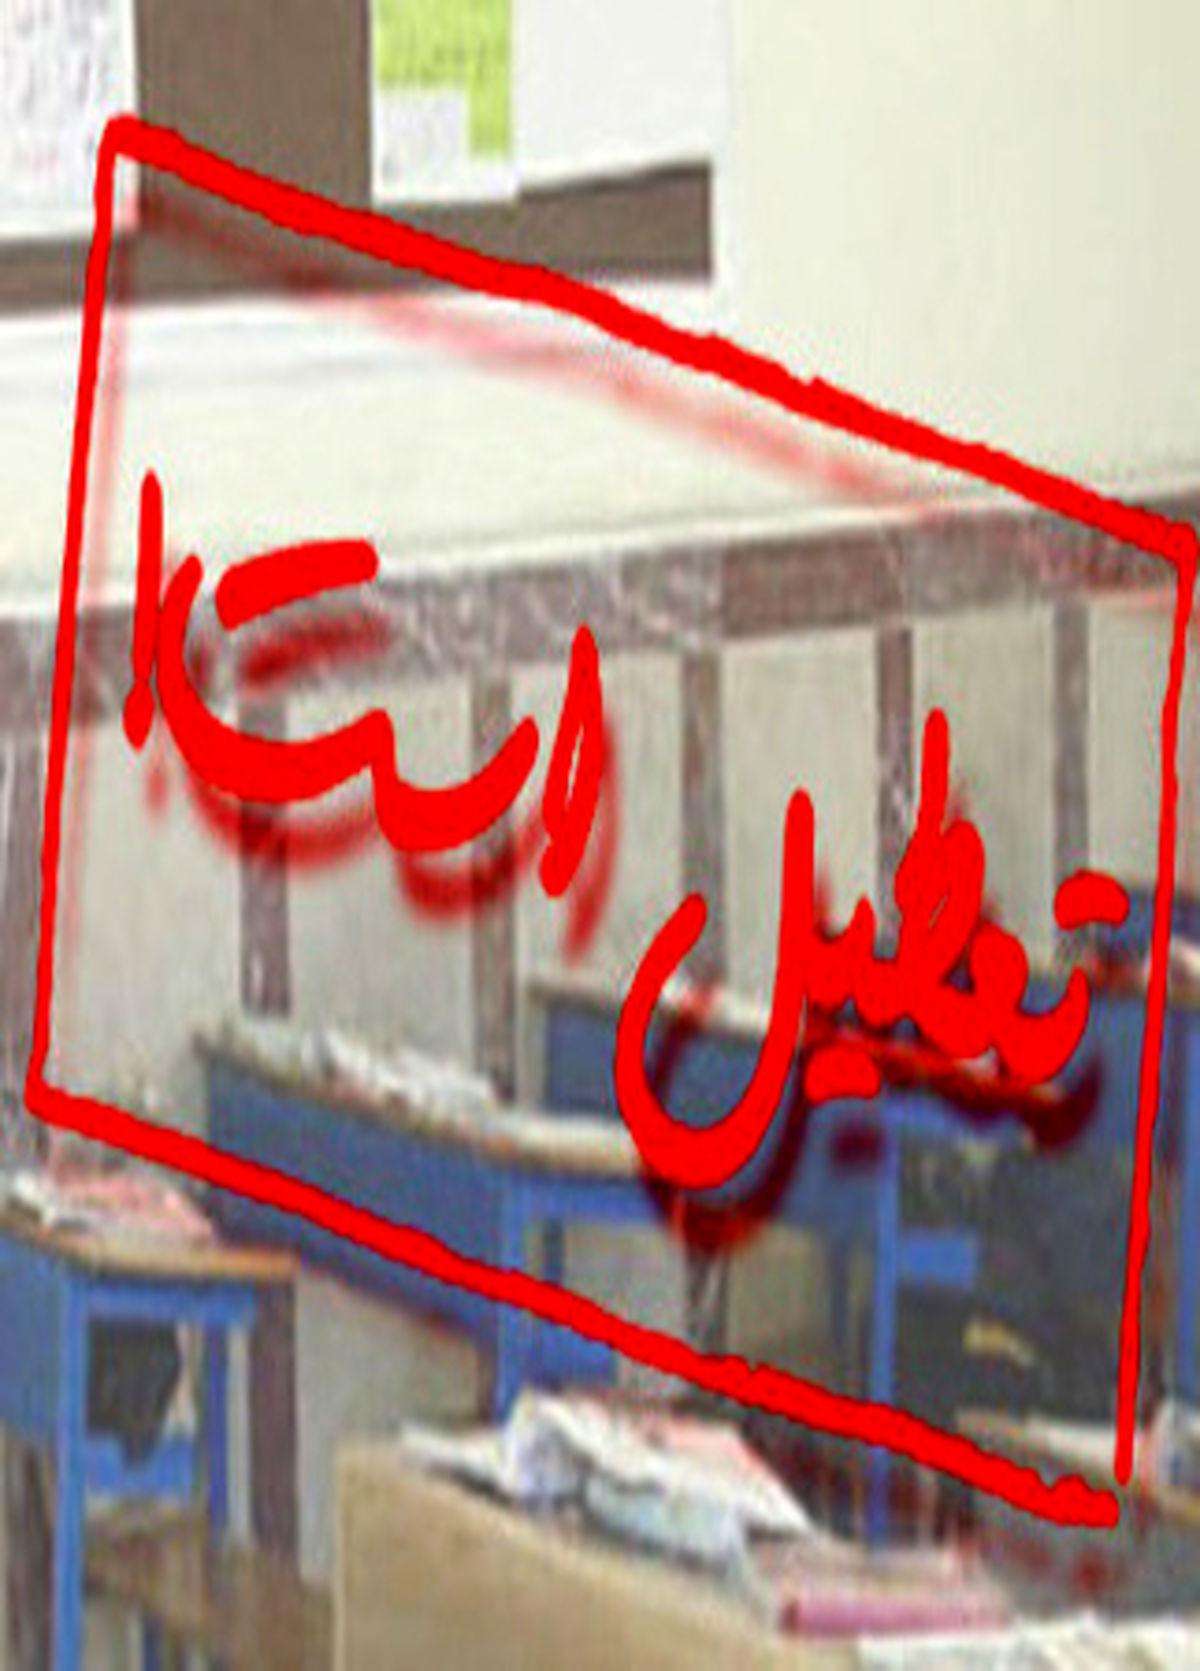 آموزش و پرورش استان همدان از تعطیلی مدارس استان خبر داد